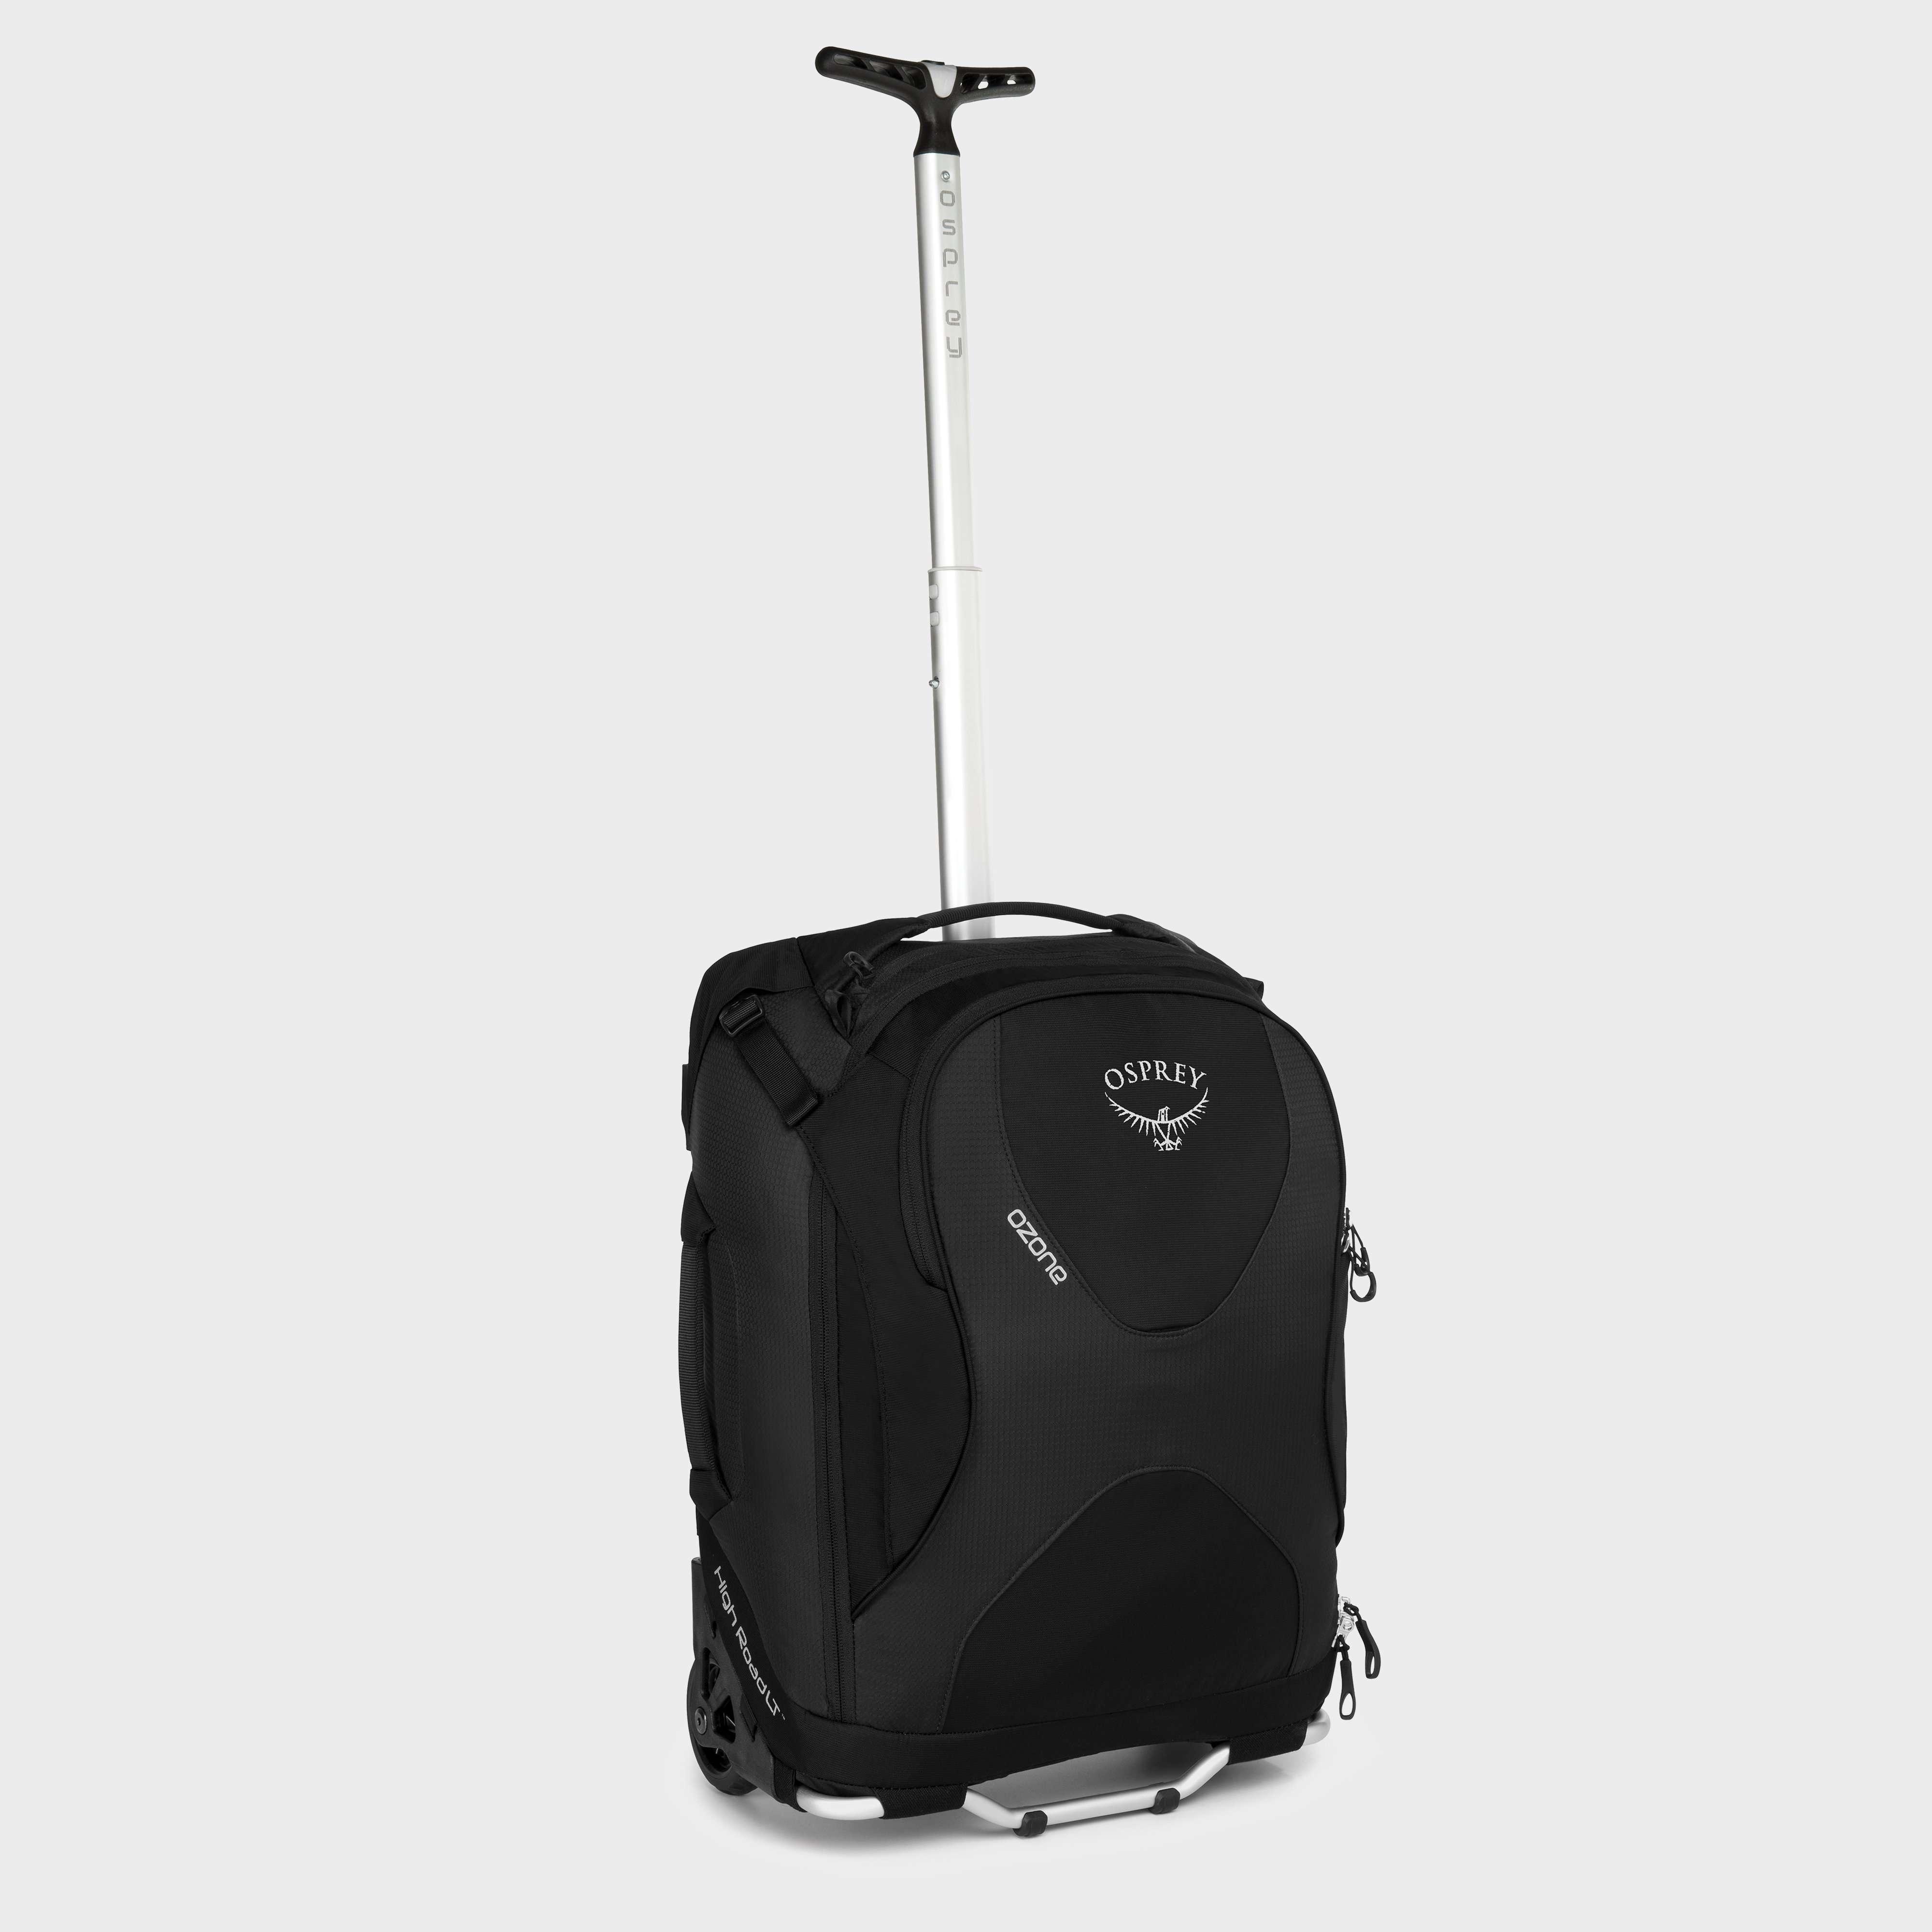 OSPREY Ozone 36L Travel Pack